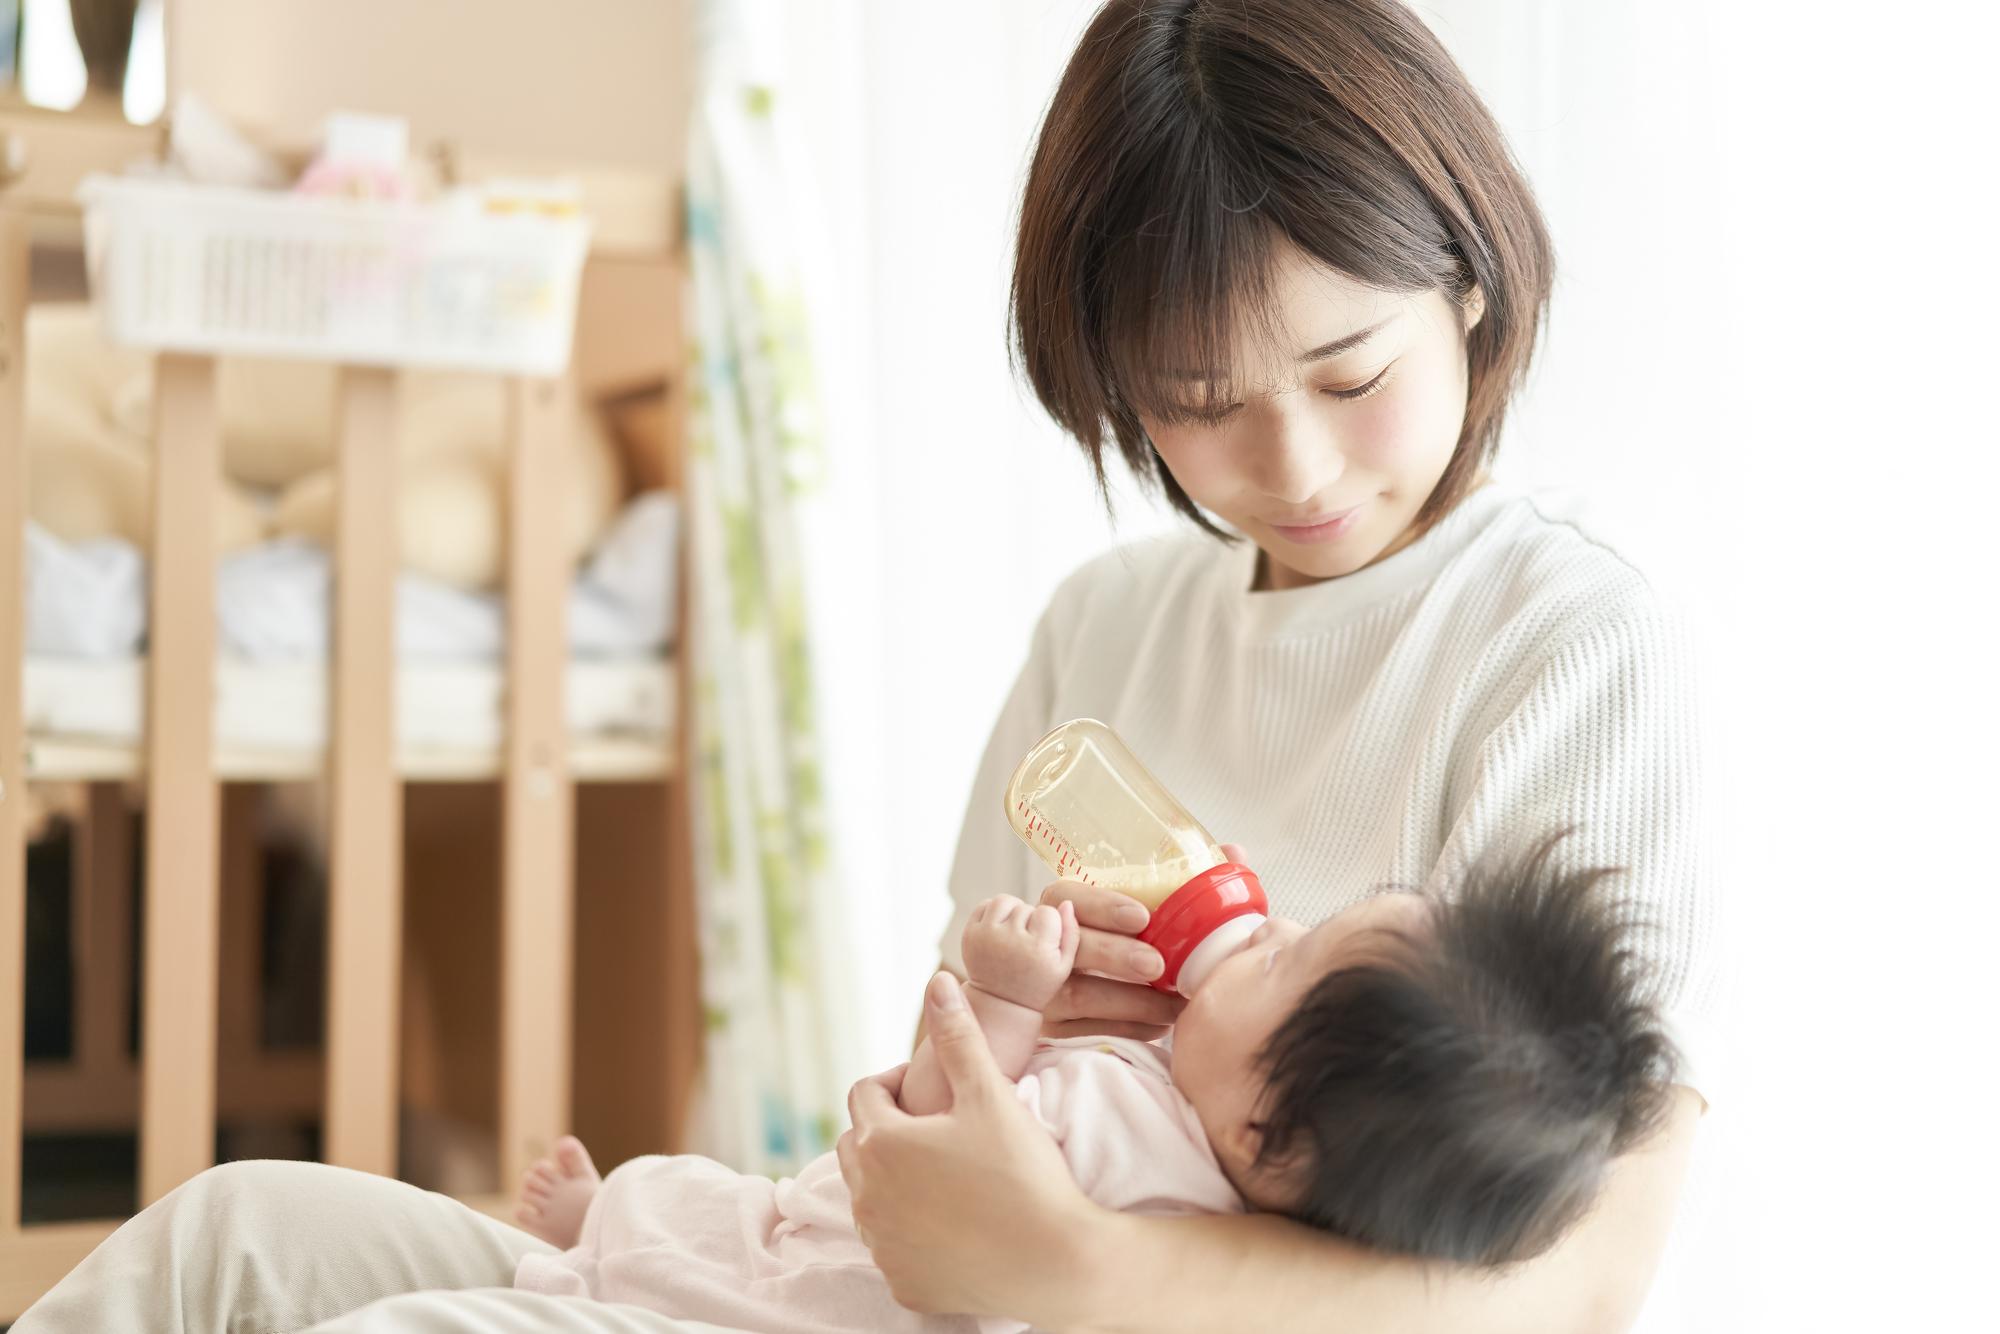 赤ちゃん 授乳 むせる 咳